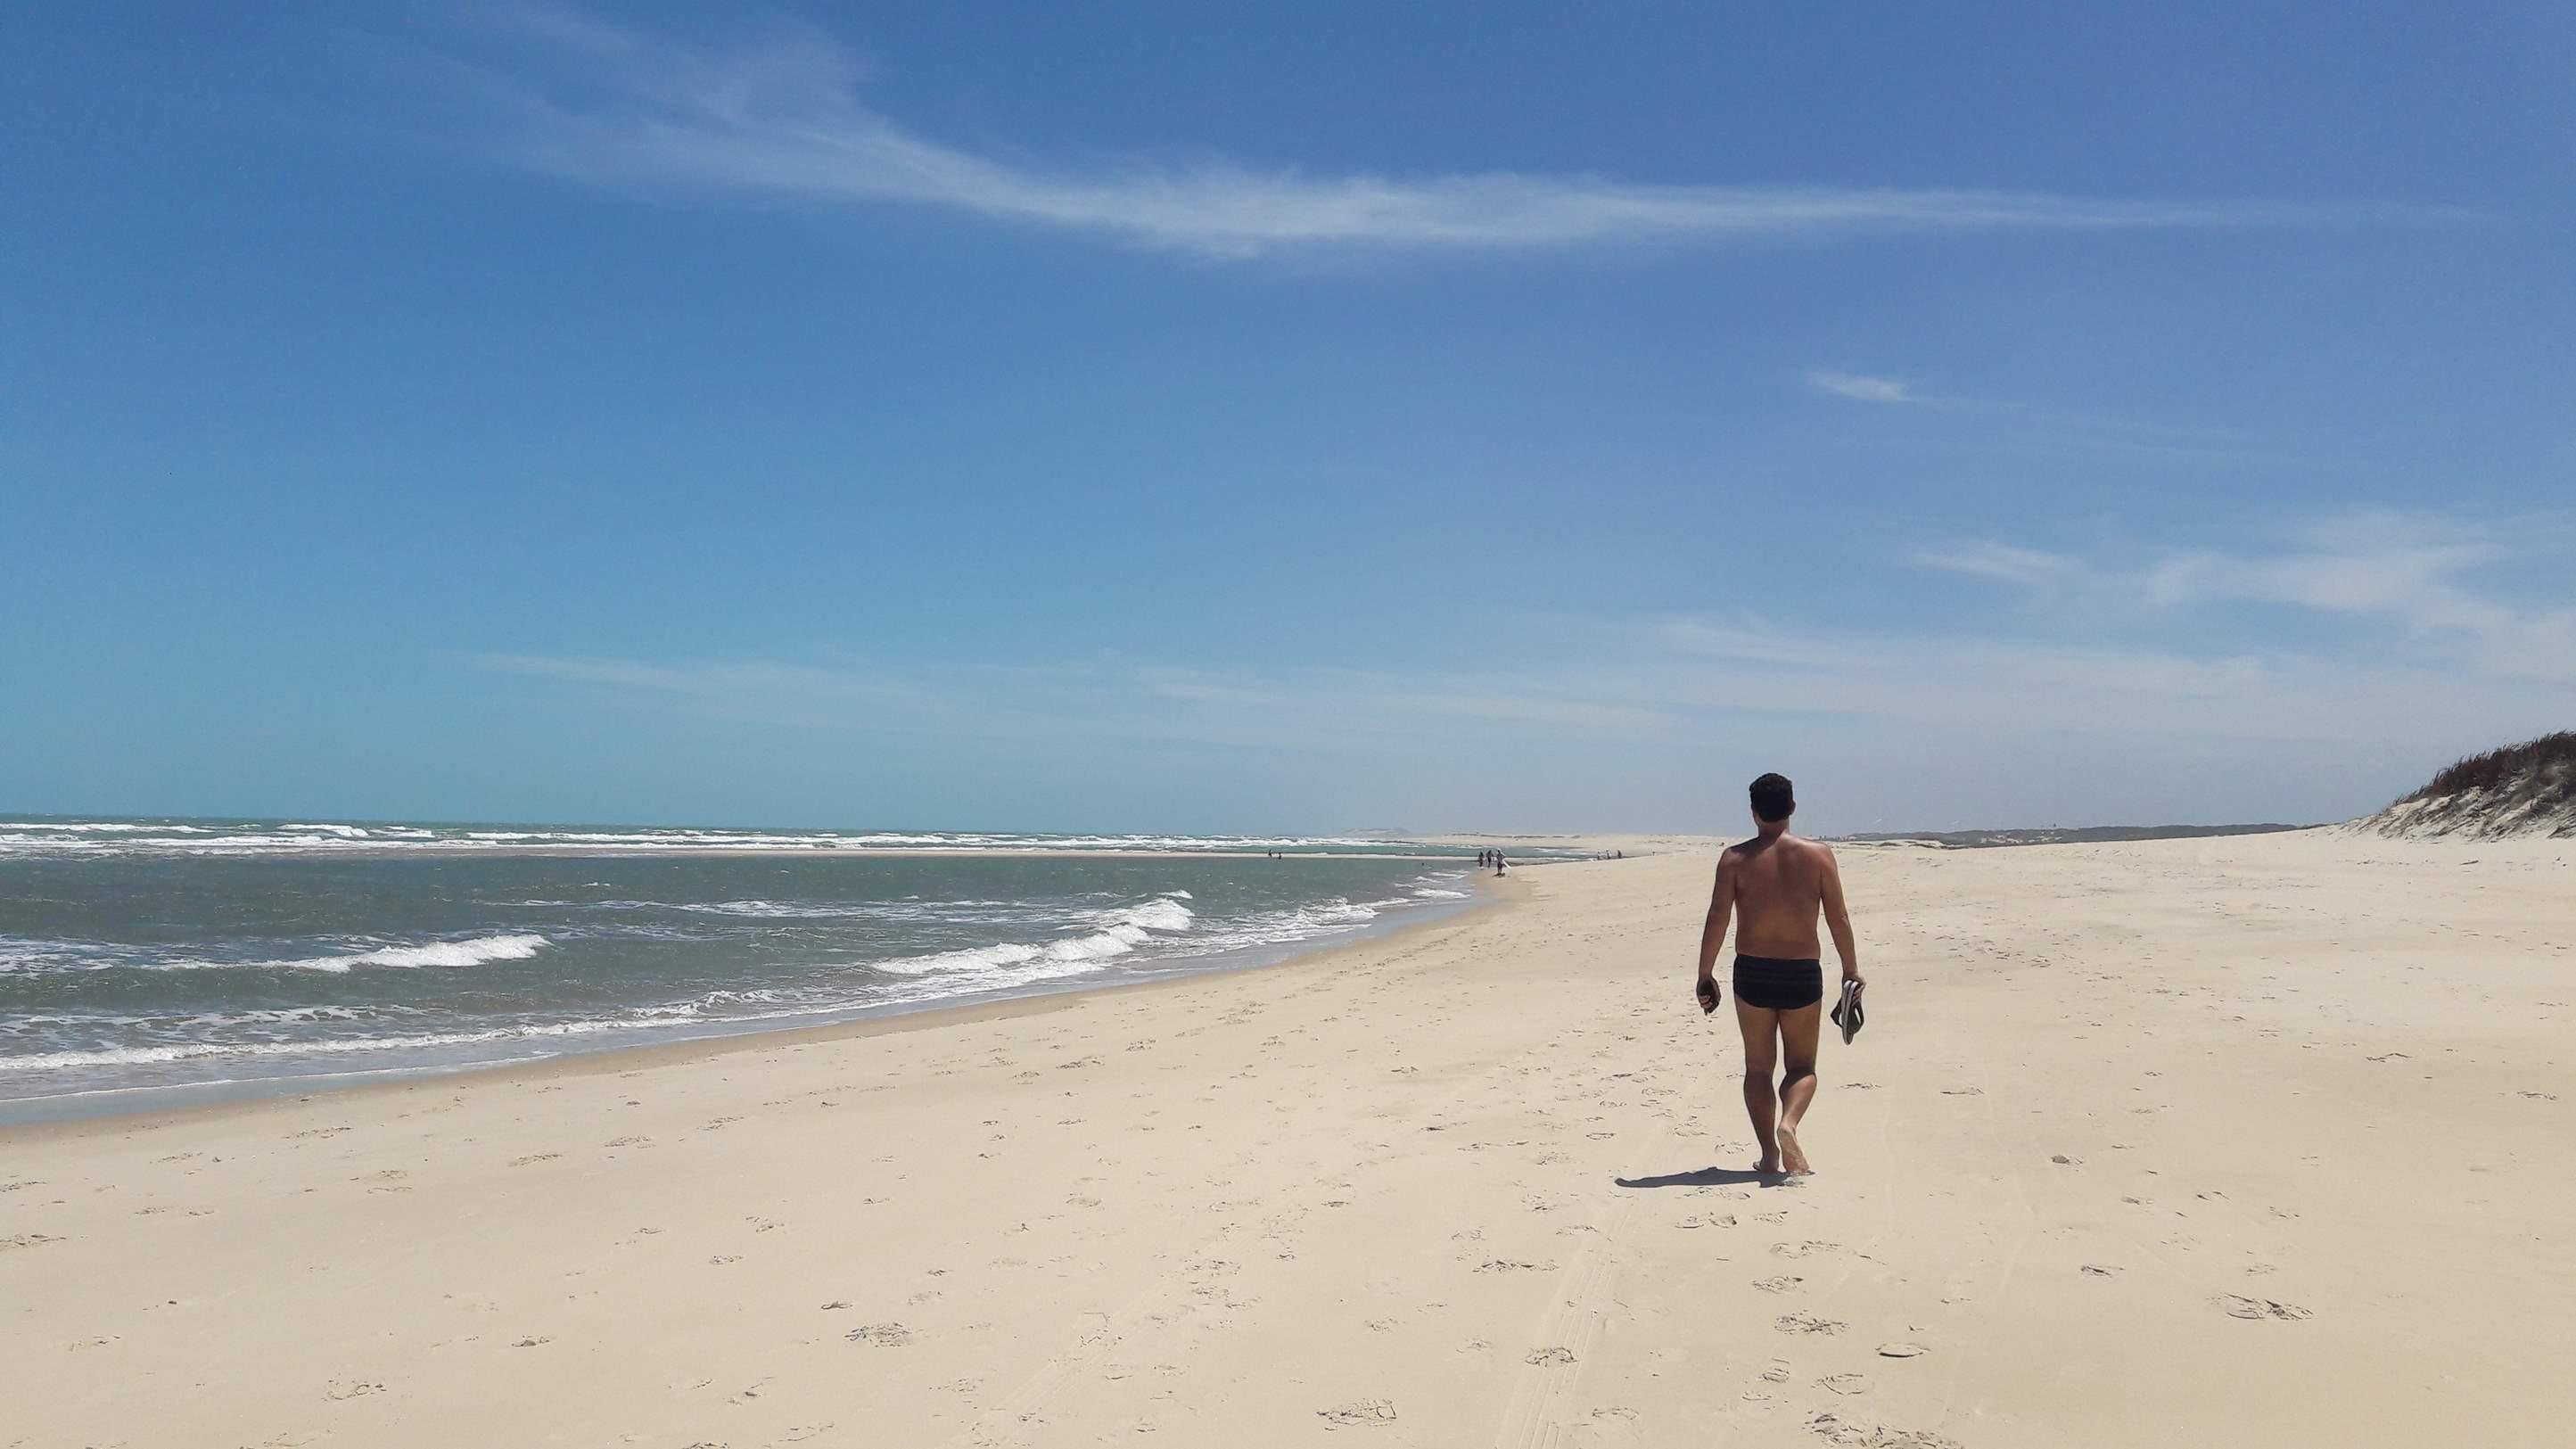 Aguas Belas Ce Como Conhecer Essa Praia Perto De Fortaleza Viciada Em Viajar